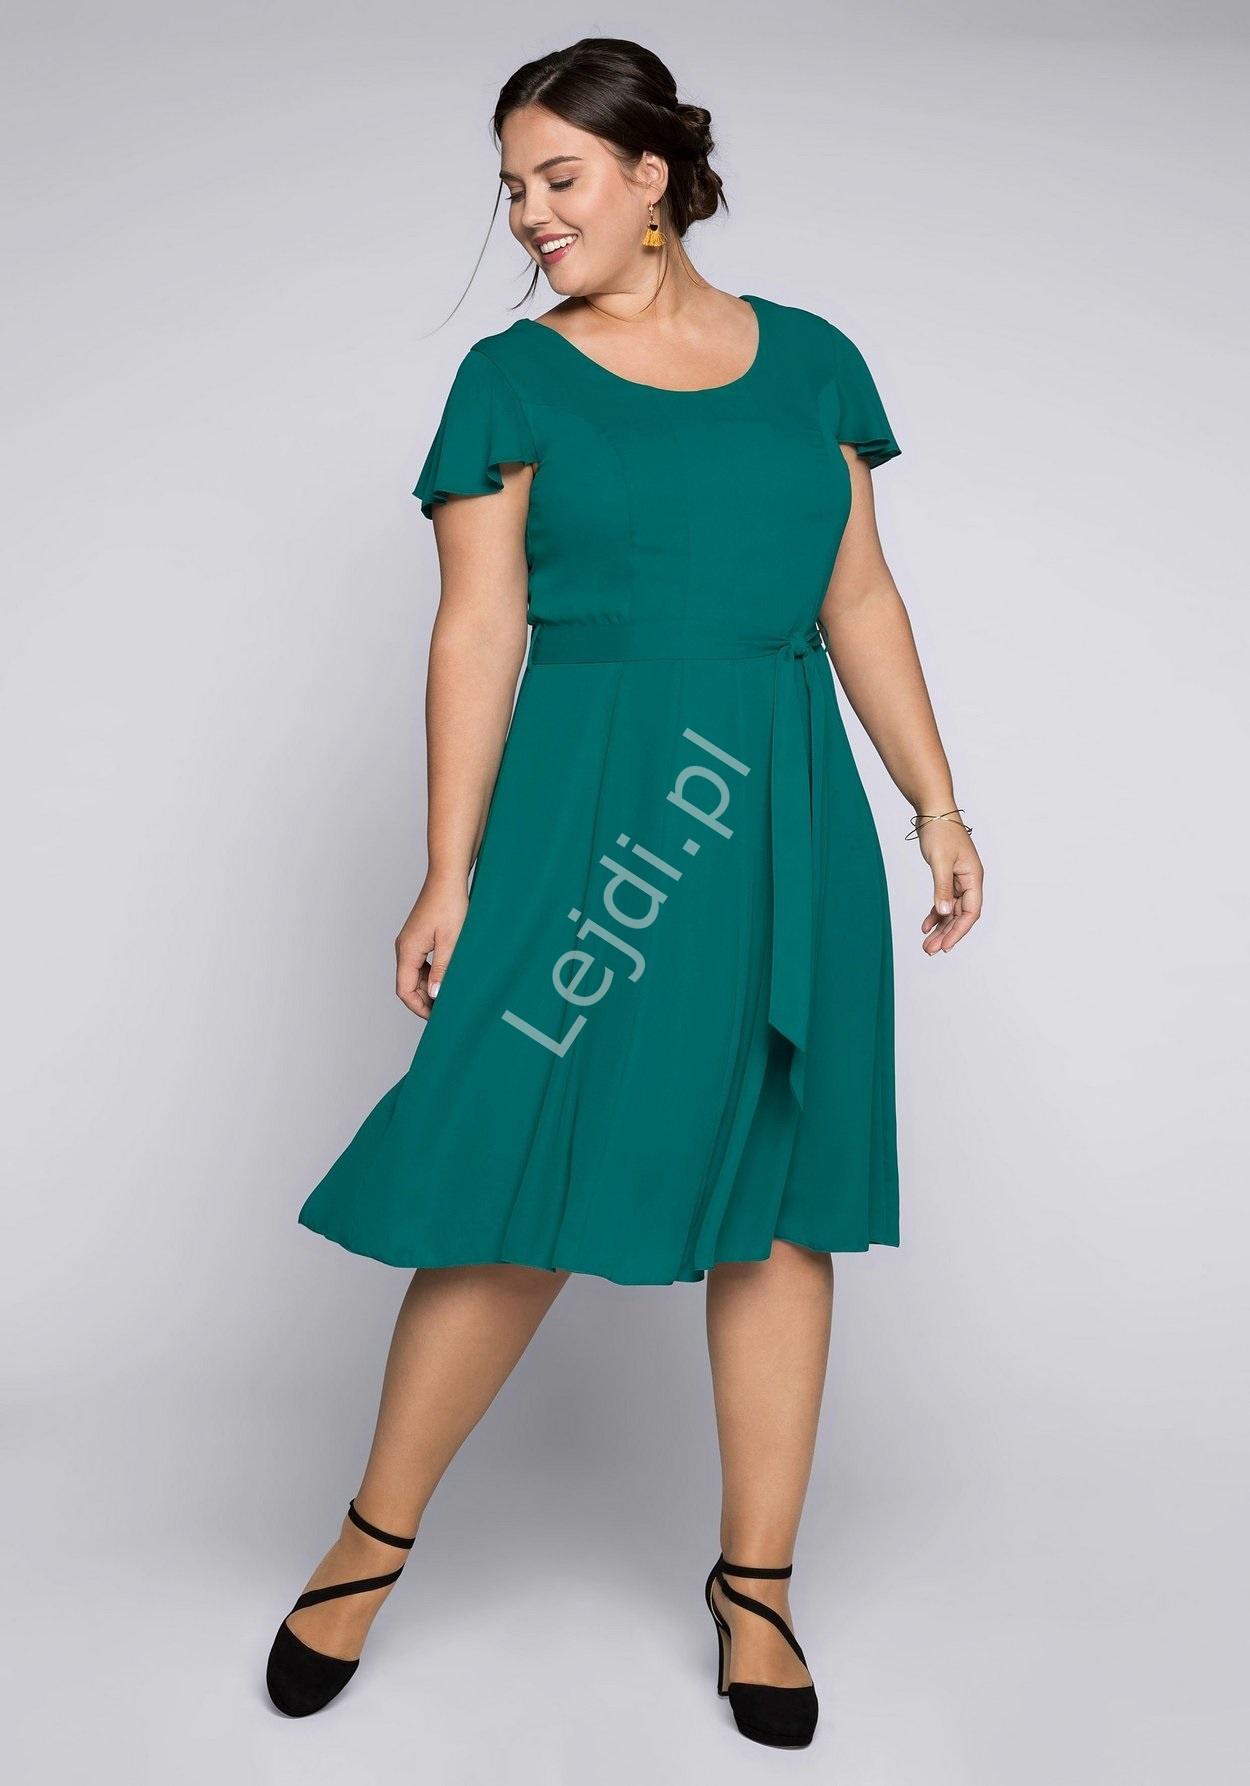 Szmaragdowa prosta sukienka na wesele SHEEGO Plus Size - Lejdi